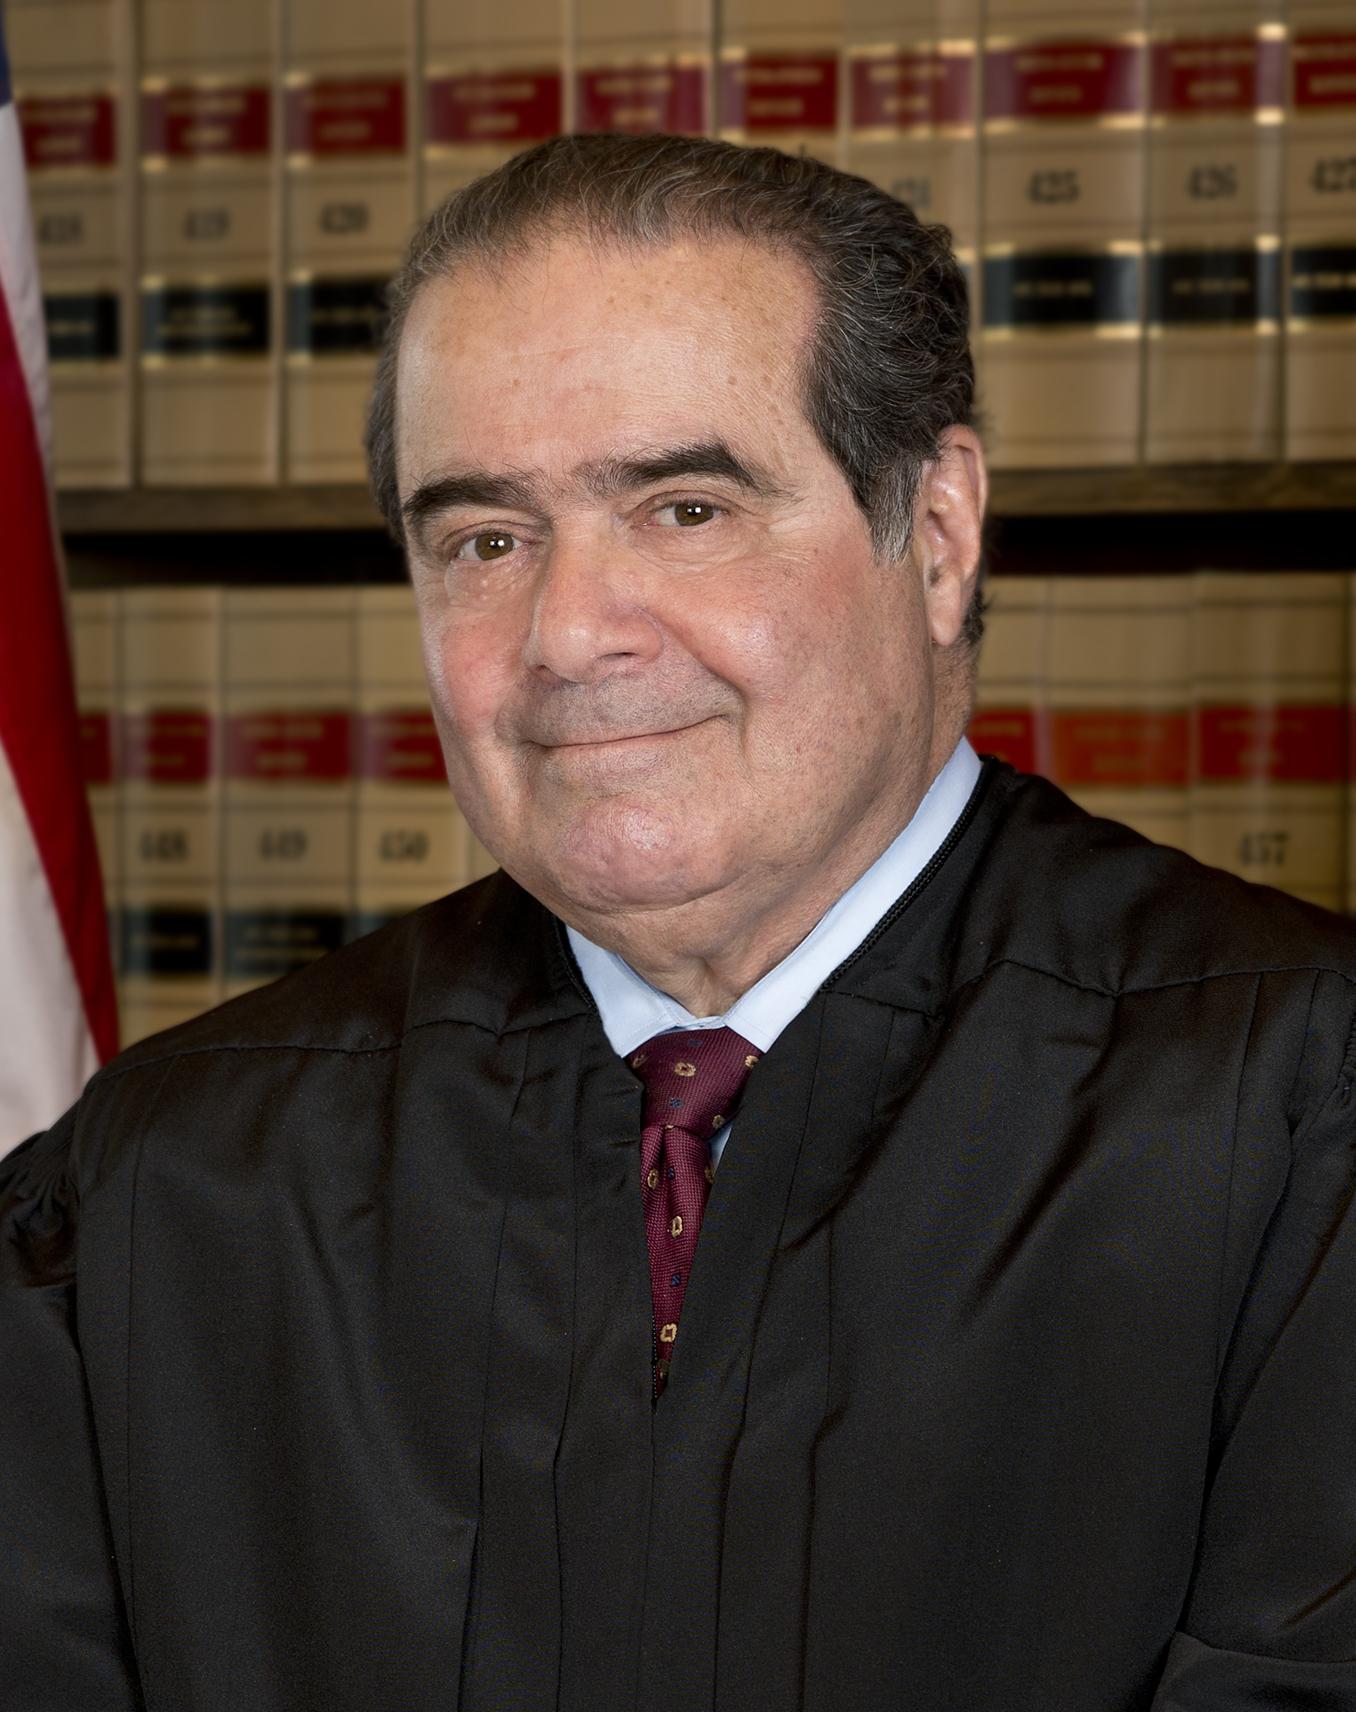 soudci datující právníky